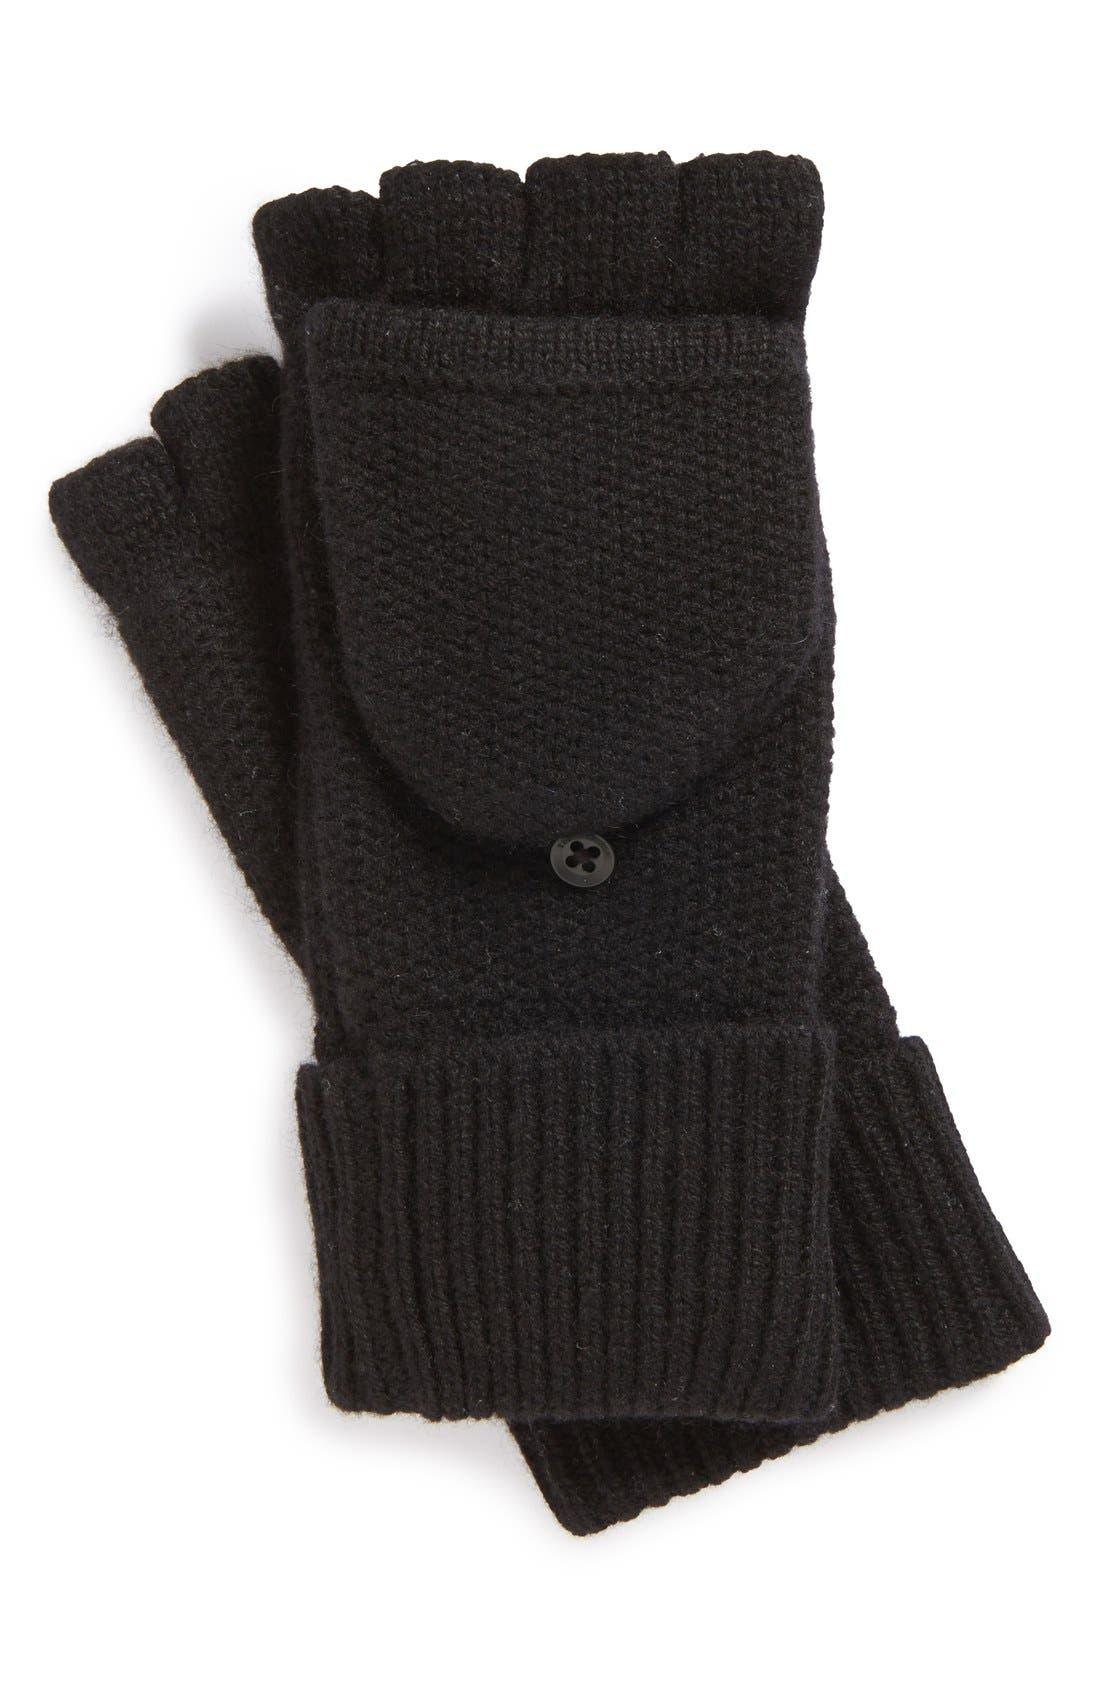 Alternate Image 1 Selected - rag & bone 'Keighley' Fingerless Cashmere Gloves